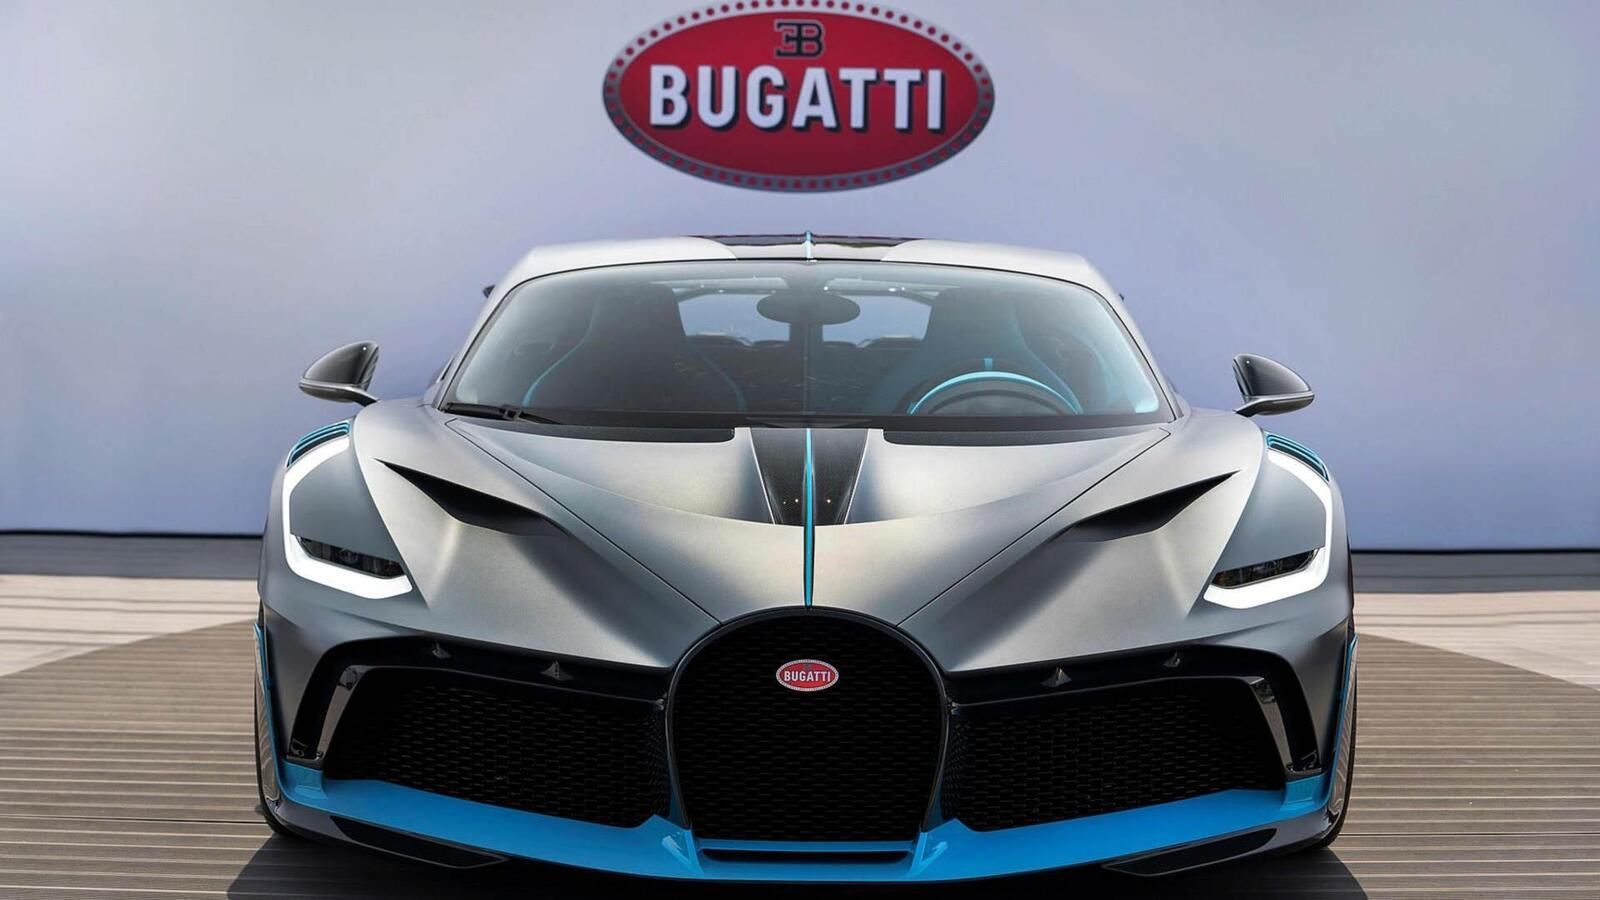 Một trong 40 chiếc Bugatti Divo đang được bán với giá 7,5 triệu USD (hơn 173 tỷ đồng) - Hình 3